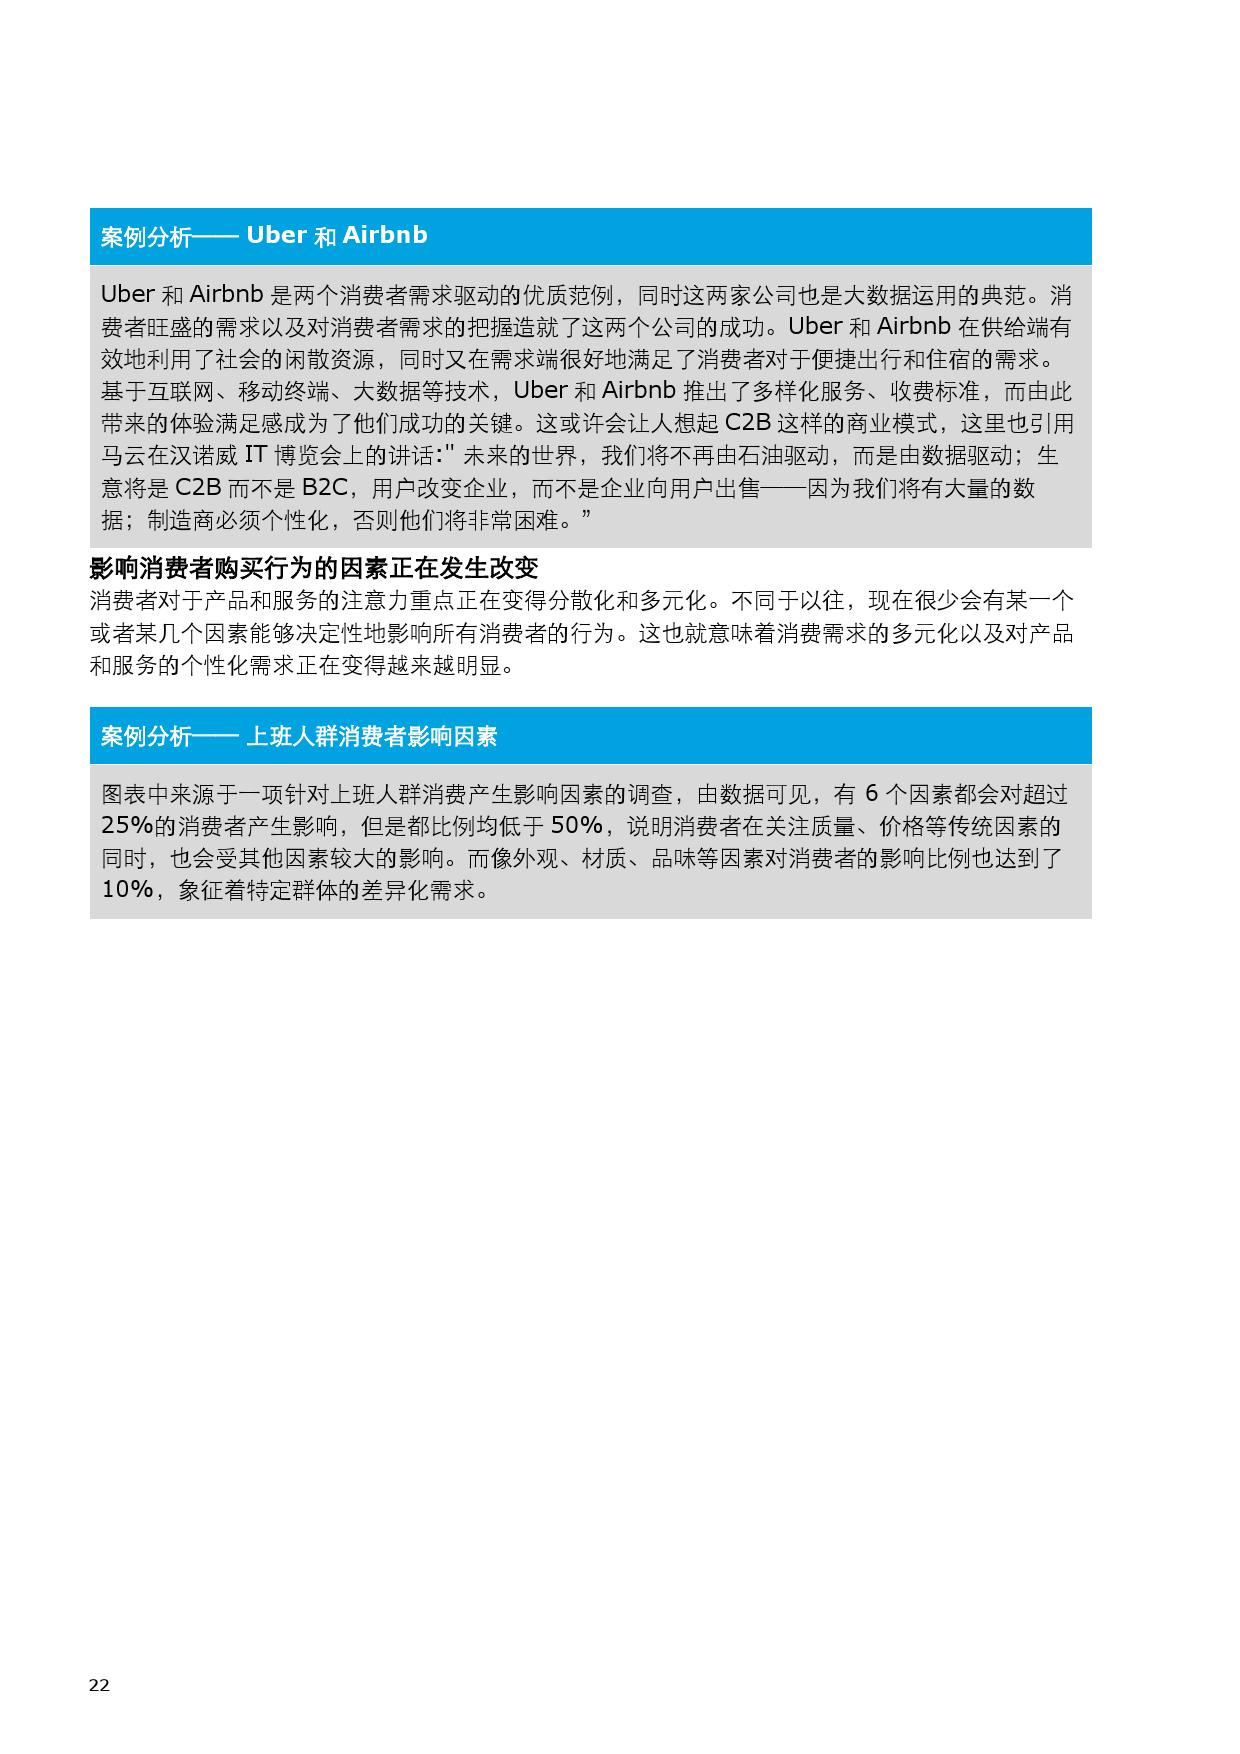 2015中国零售产业投资促进报告_000030